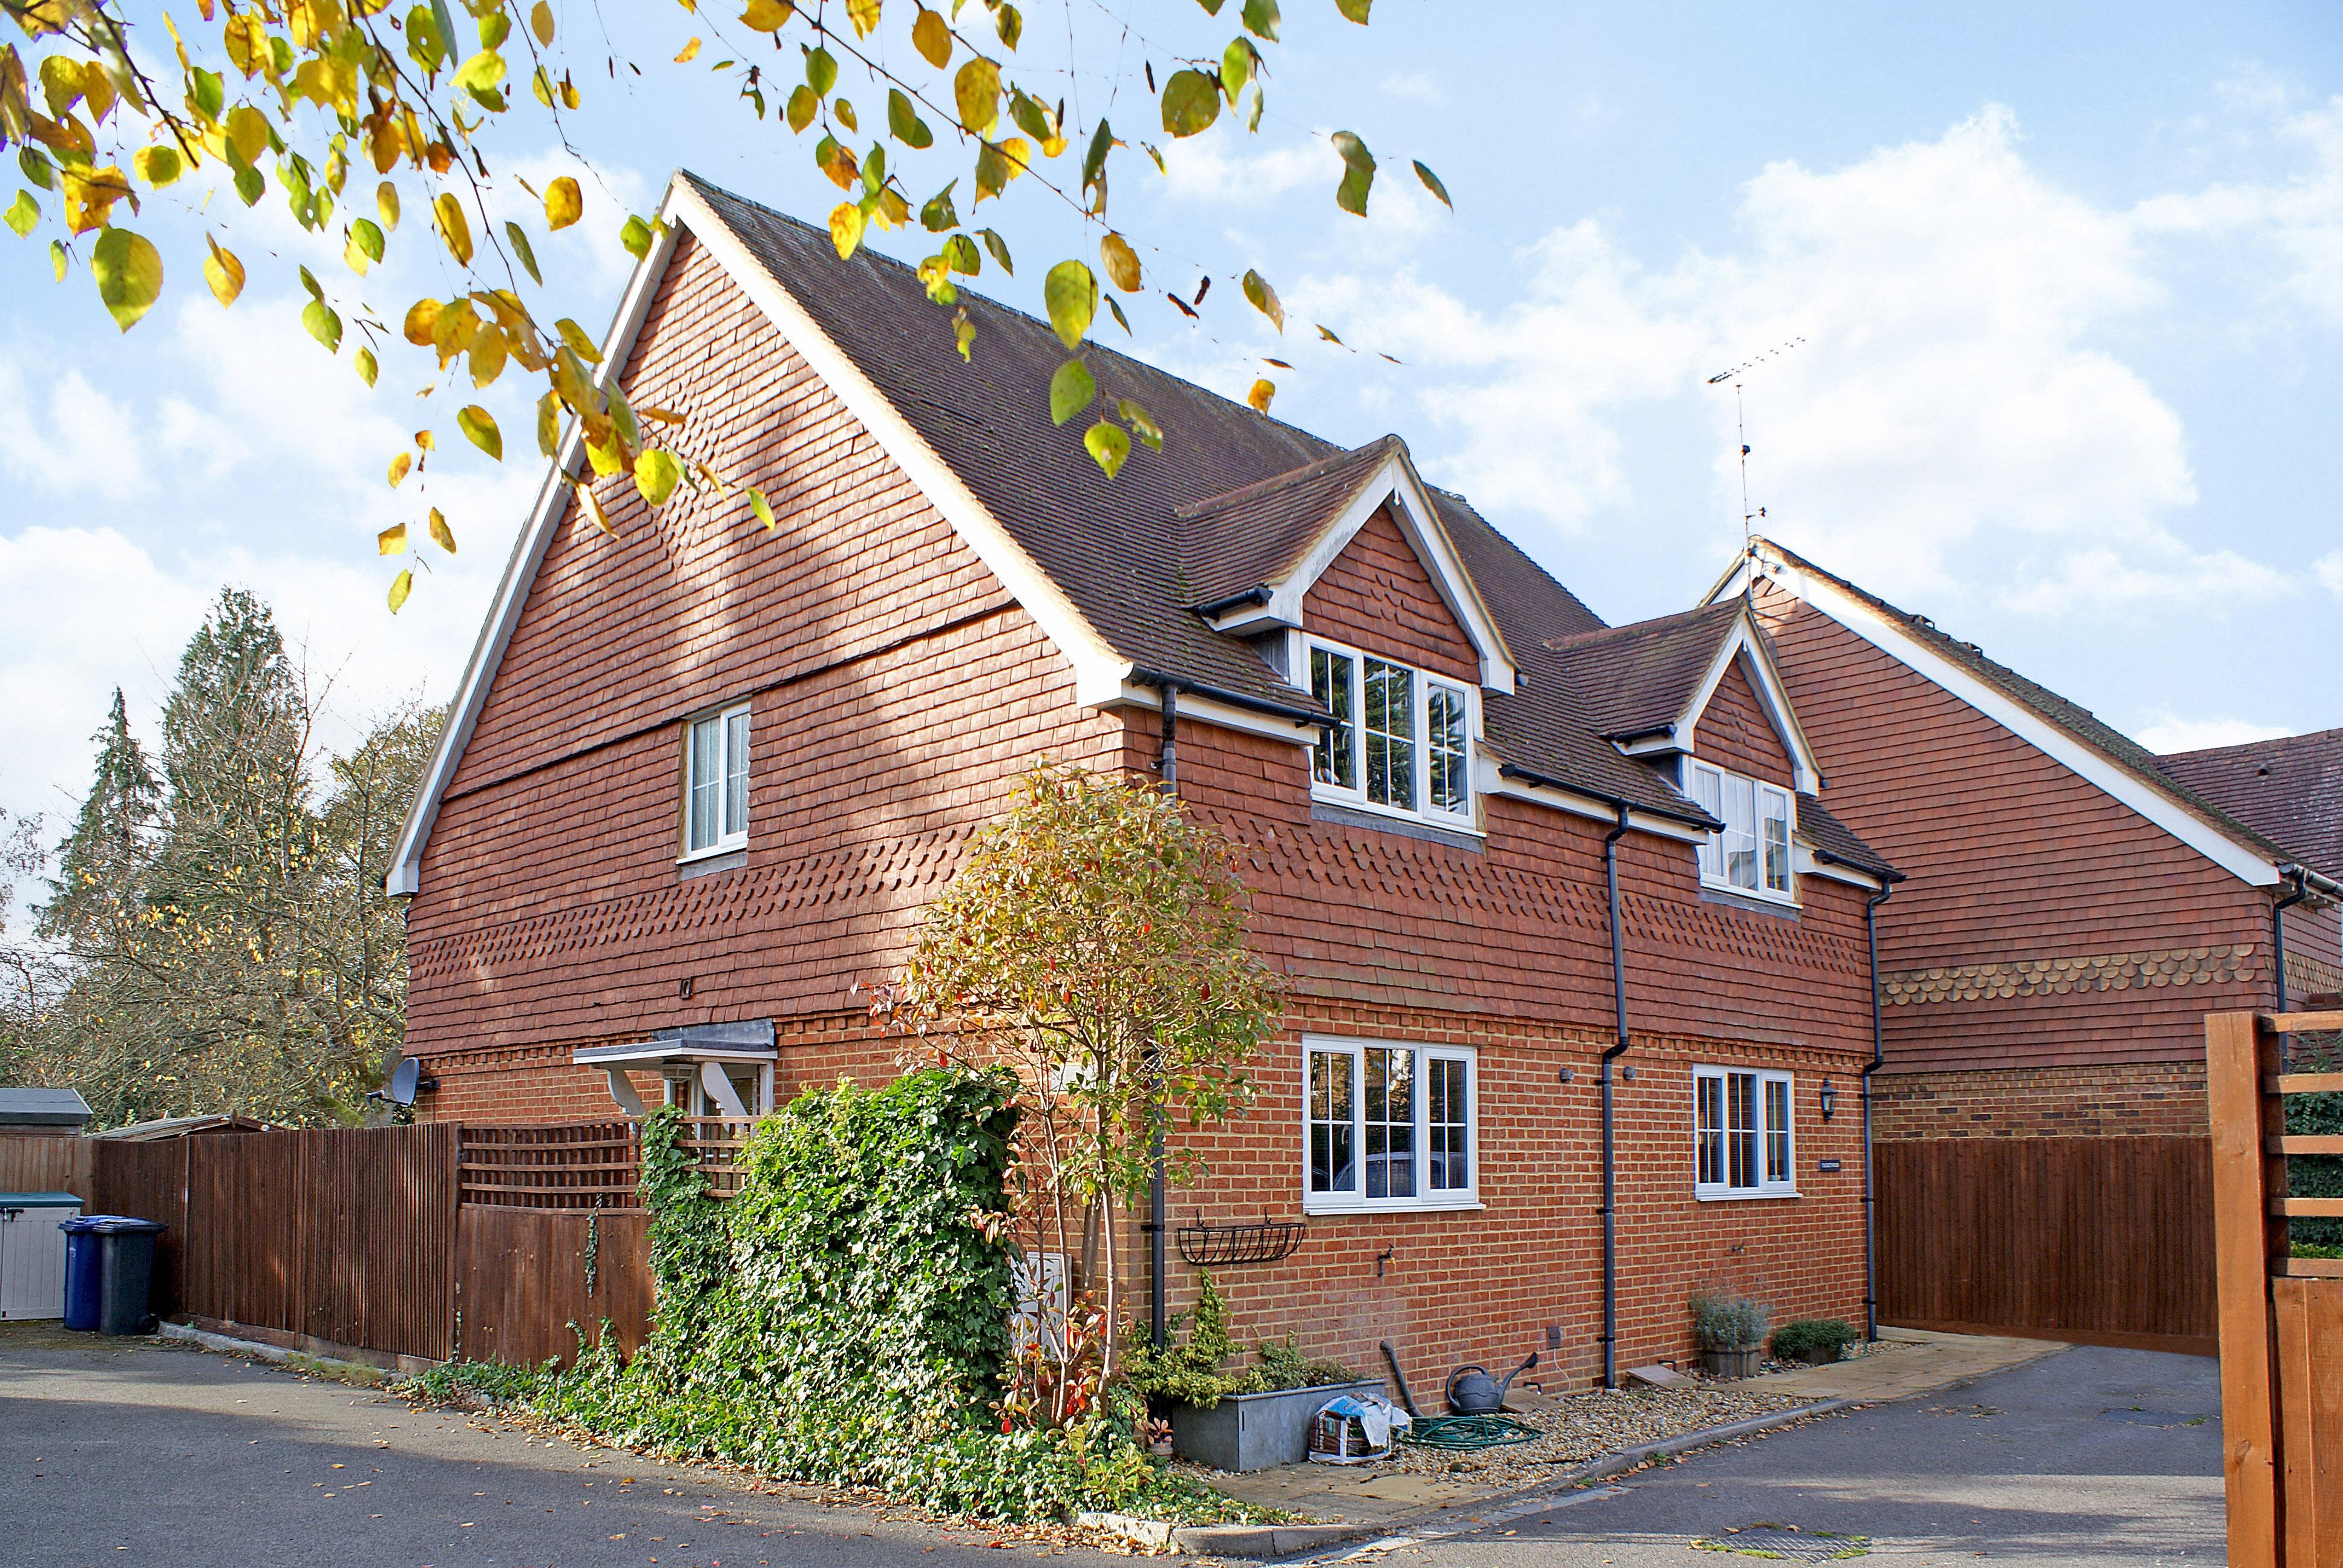 Elstead, Godalming, Surrey